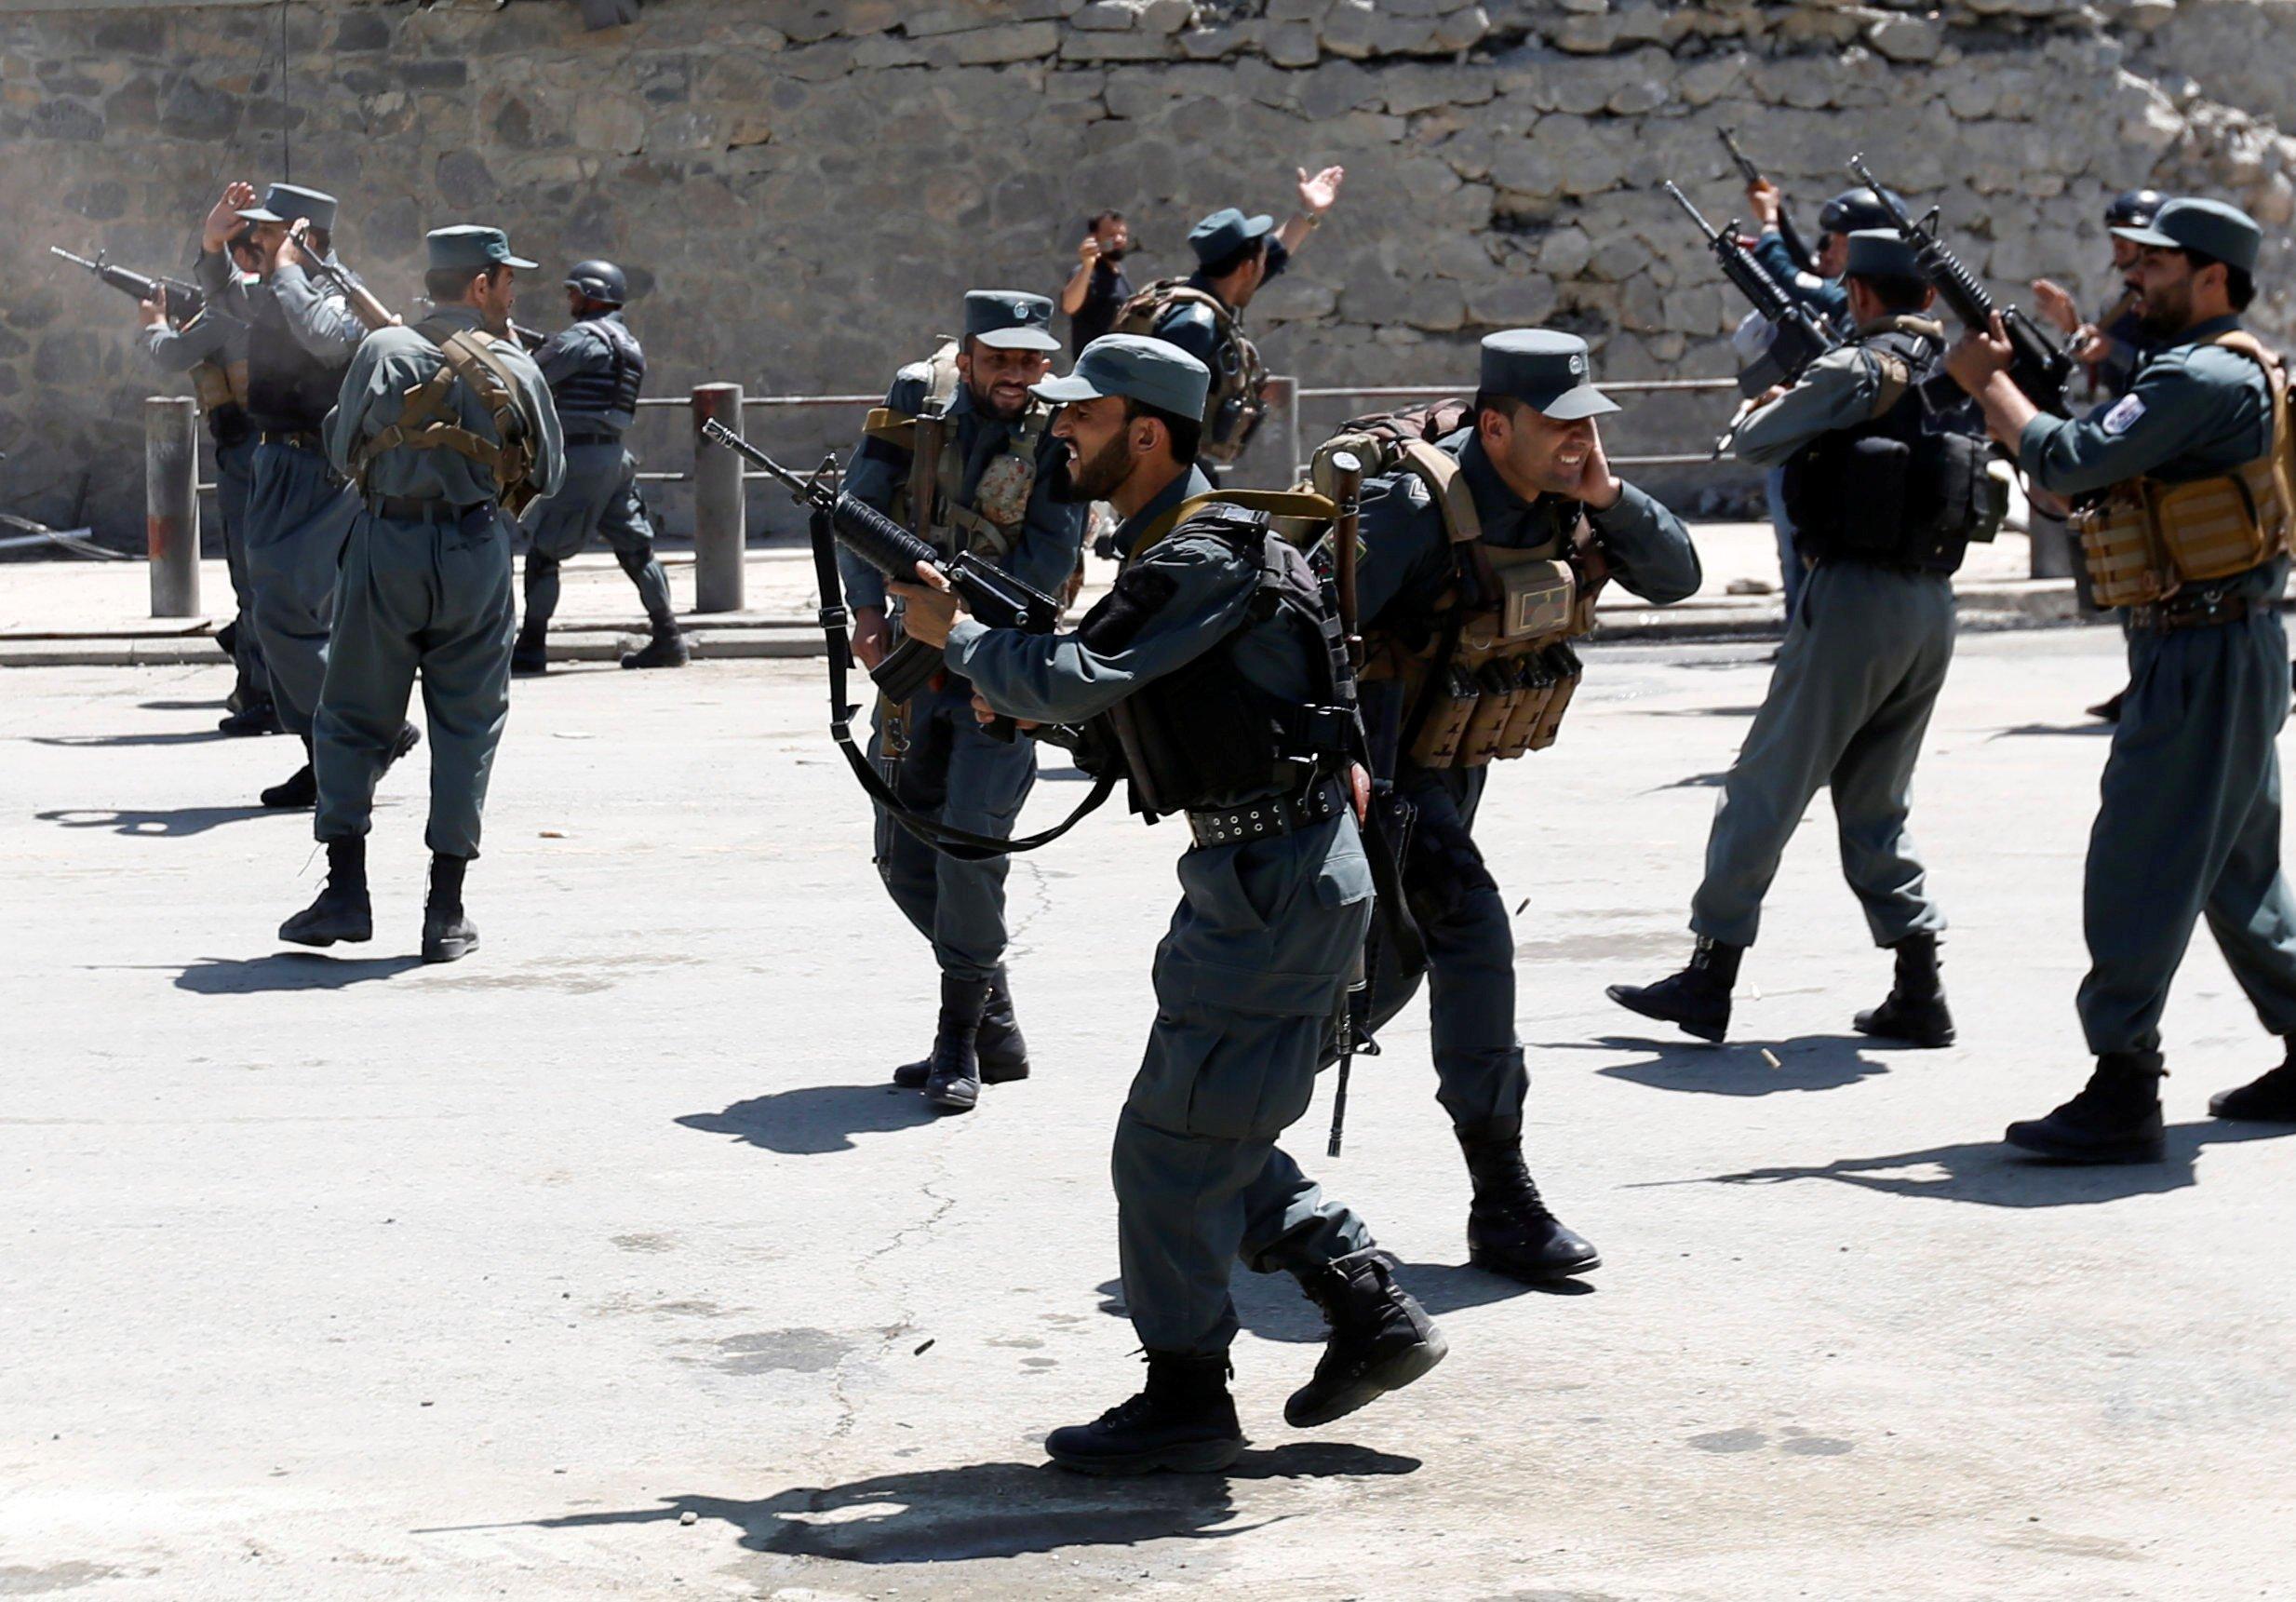 افغانستان:مقتل 27 مسلحا واصابة 11خلال عمليات عسكرية